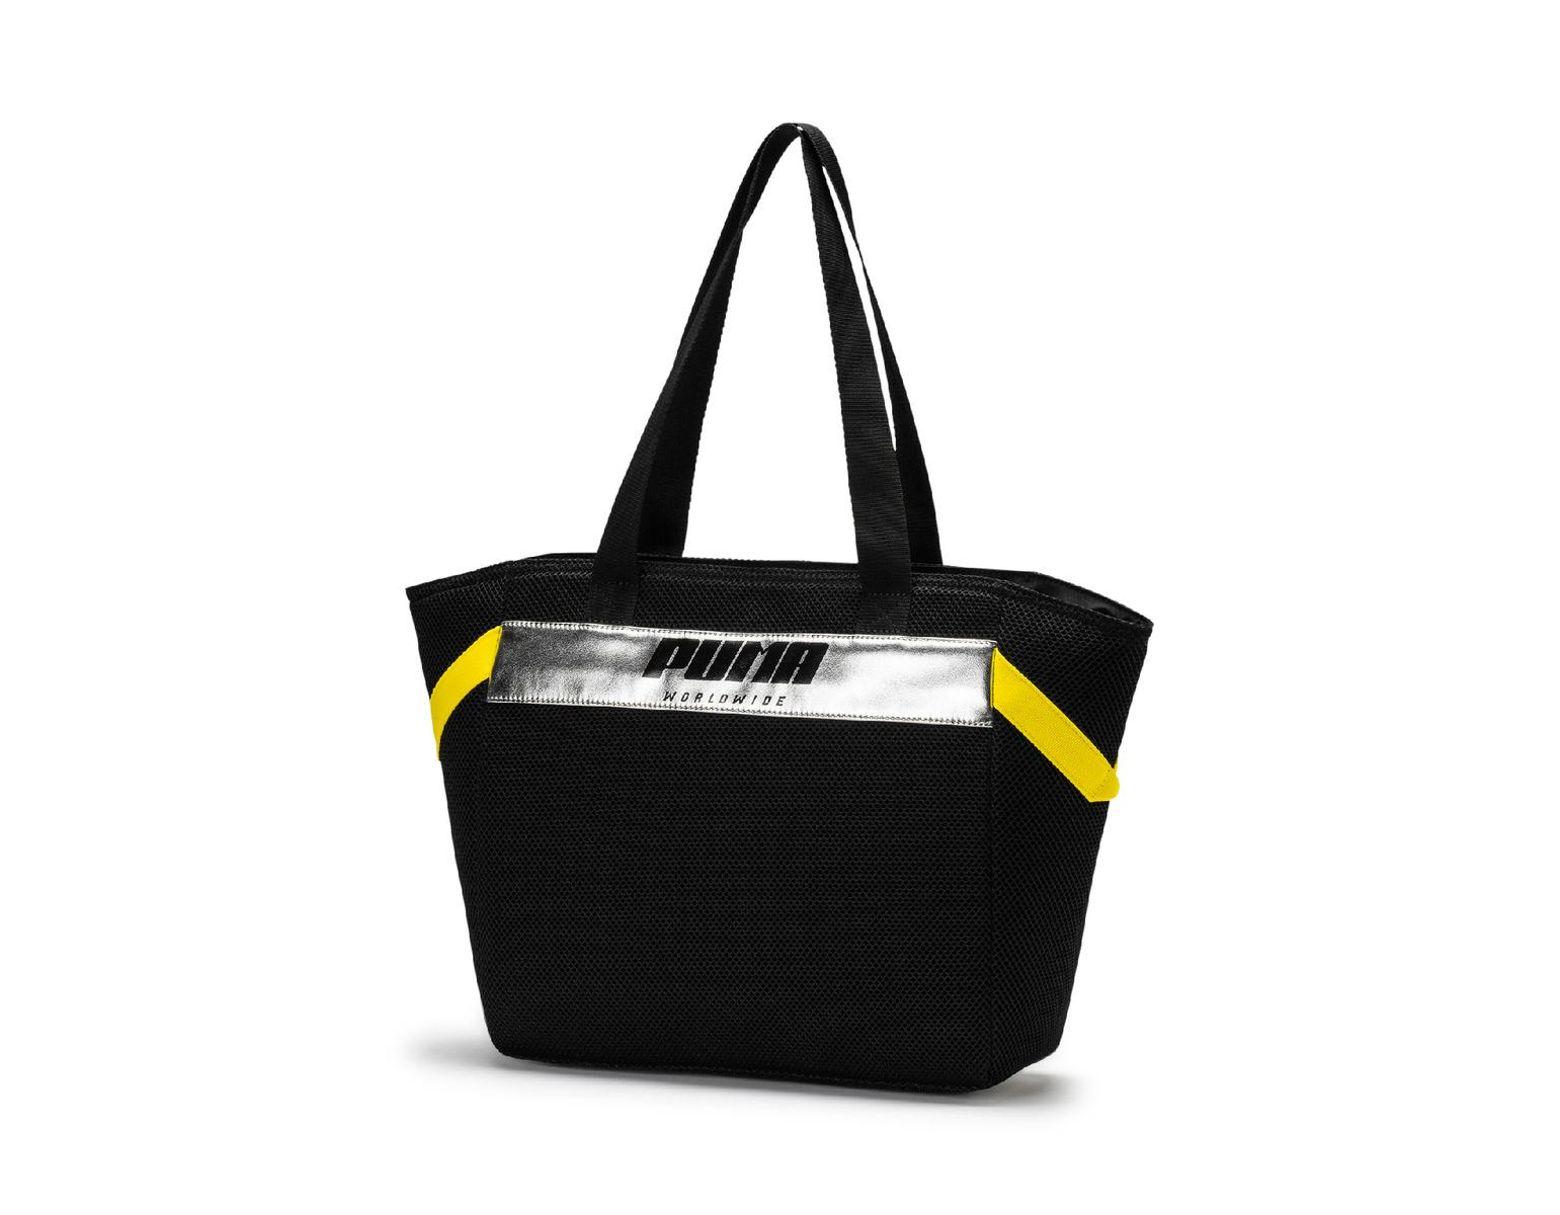 1f0af53ce7 PUMA Prime Street Large Shopper Bag in Black - Lyst